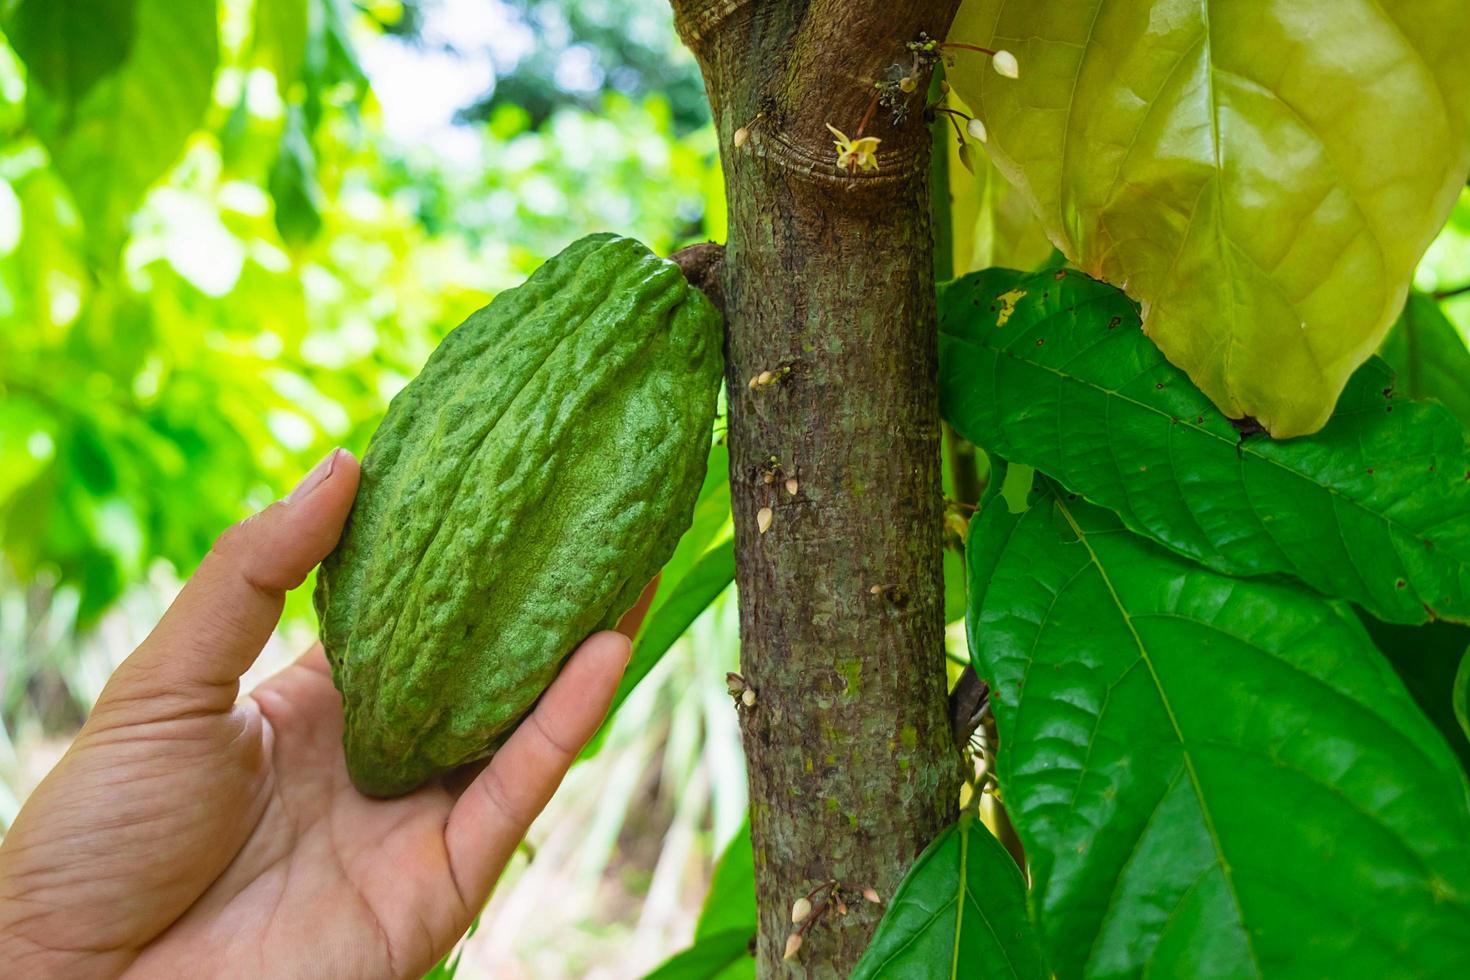 kakaofrukt på en gren av trädet foto